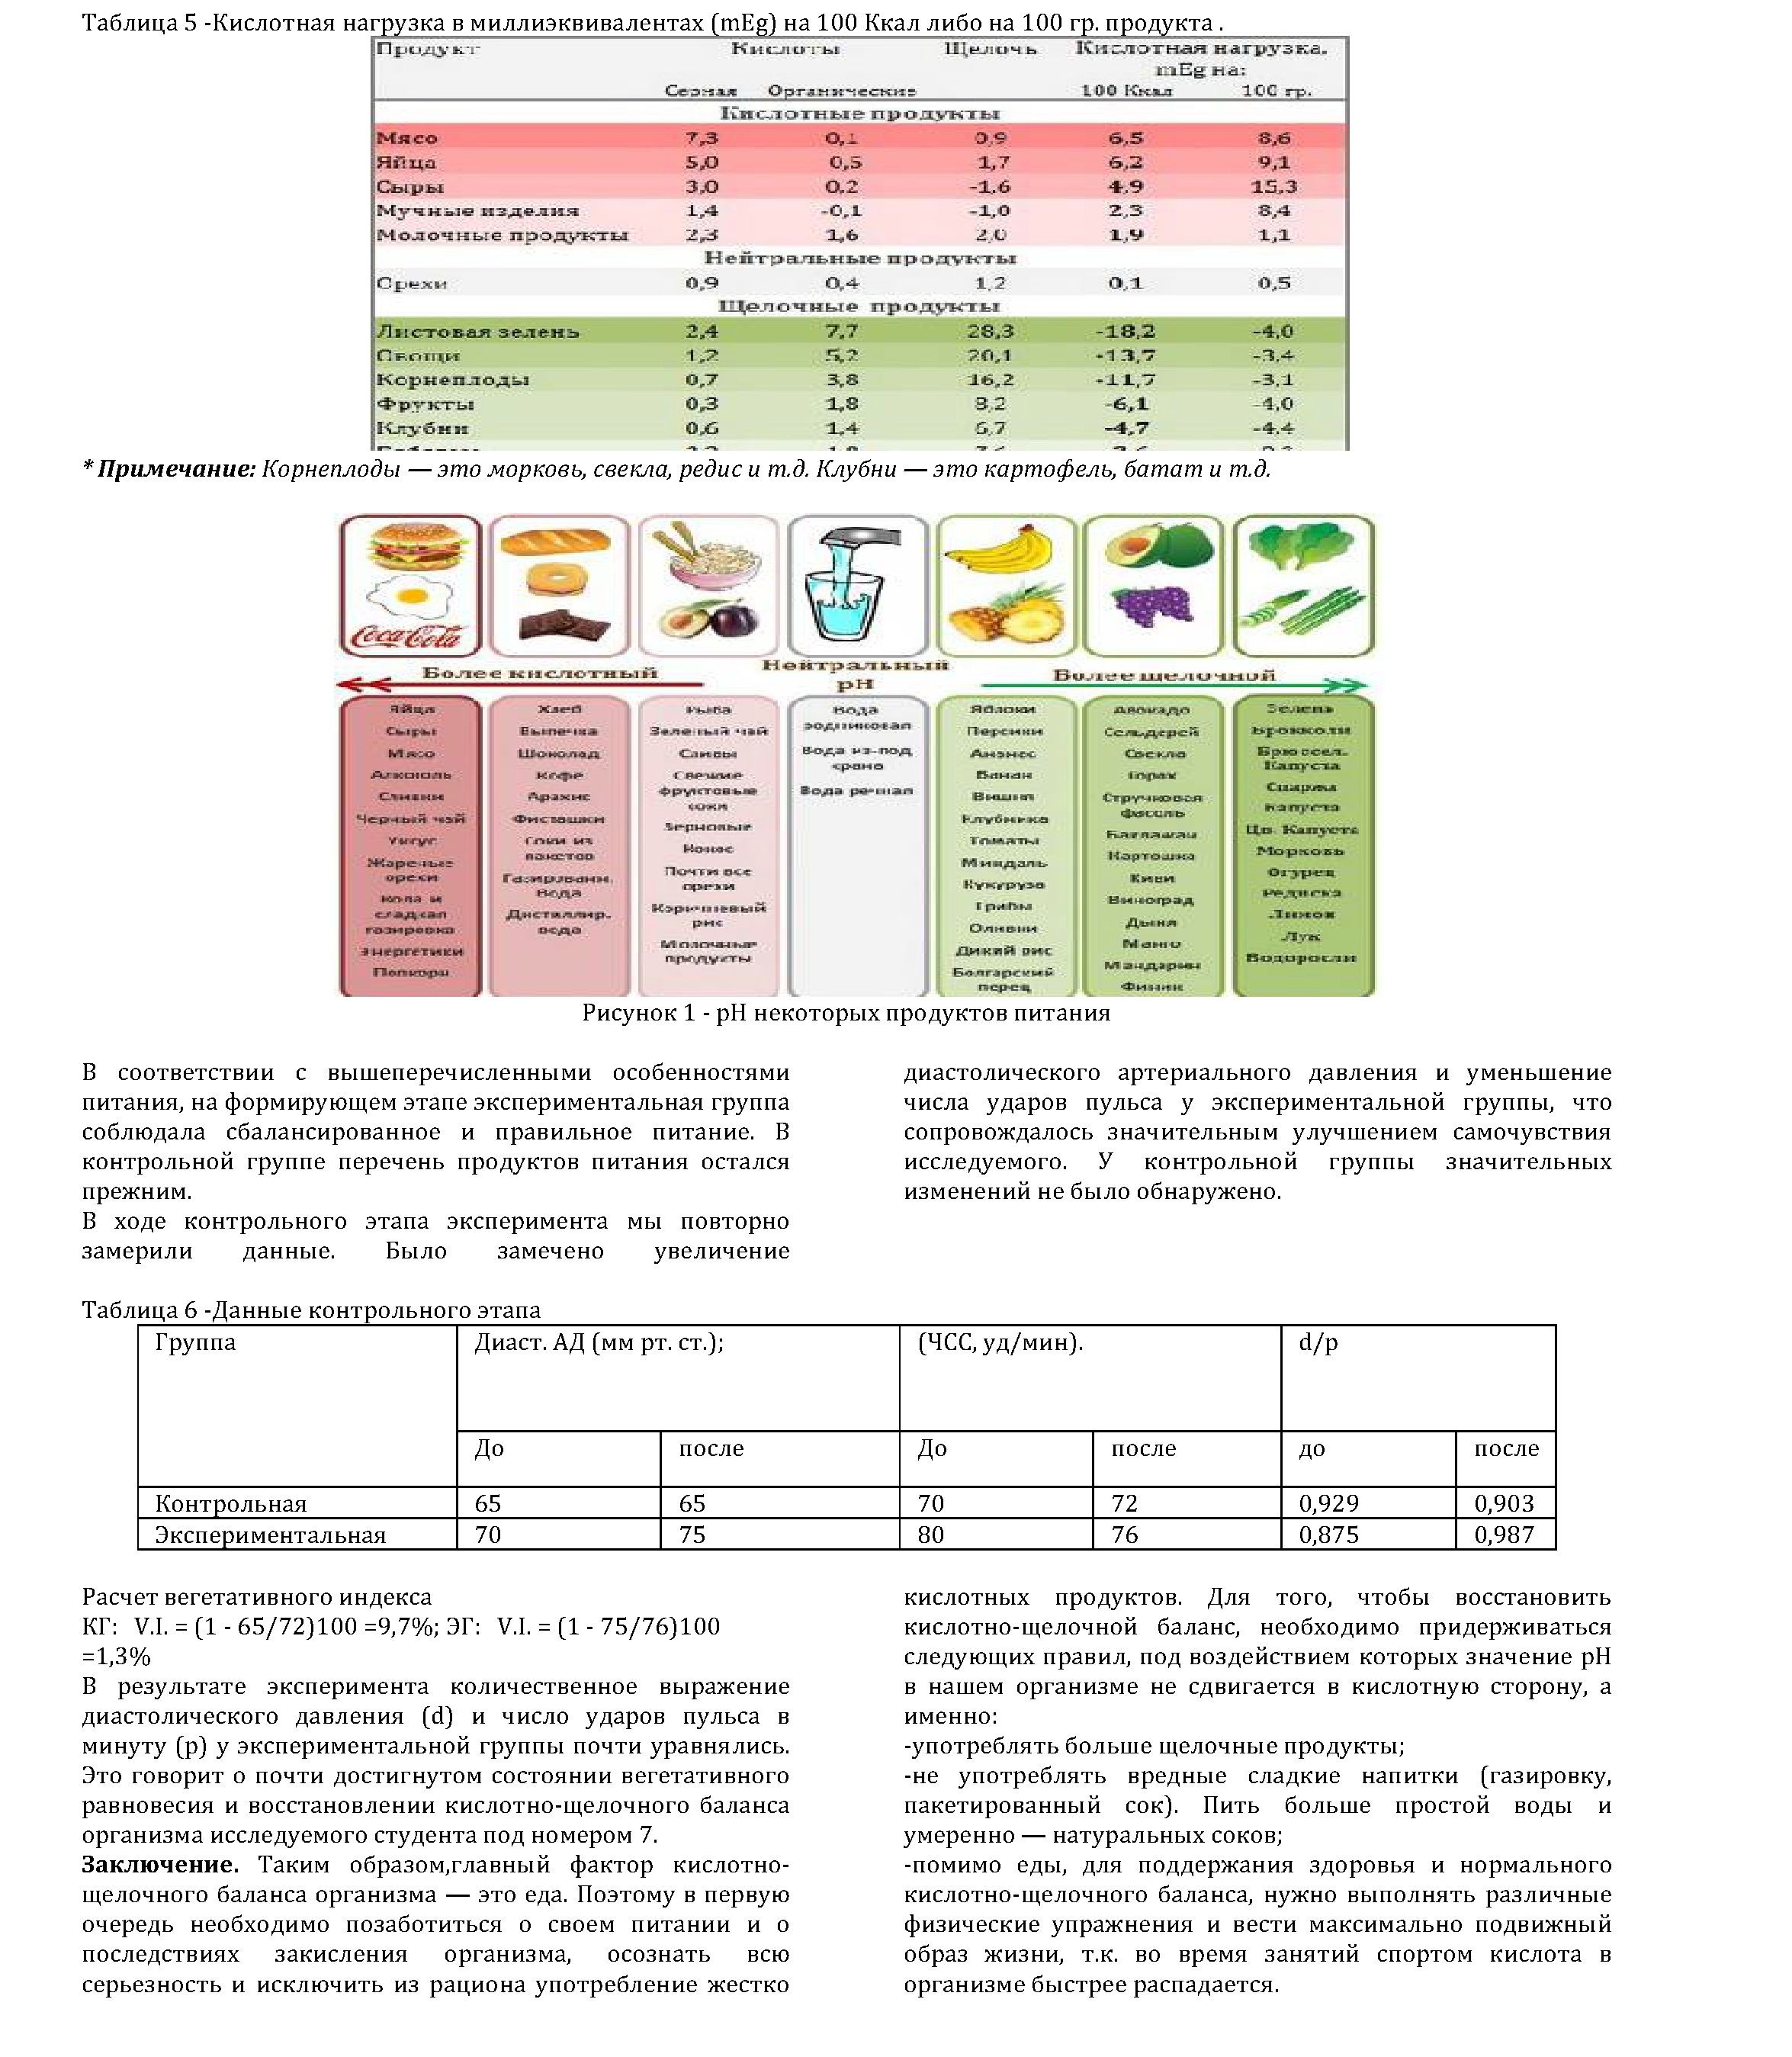 Щелочная диета: меню на неделю, таблица продуктов